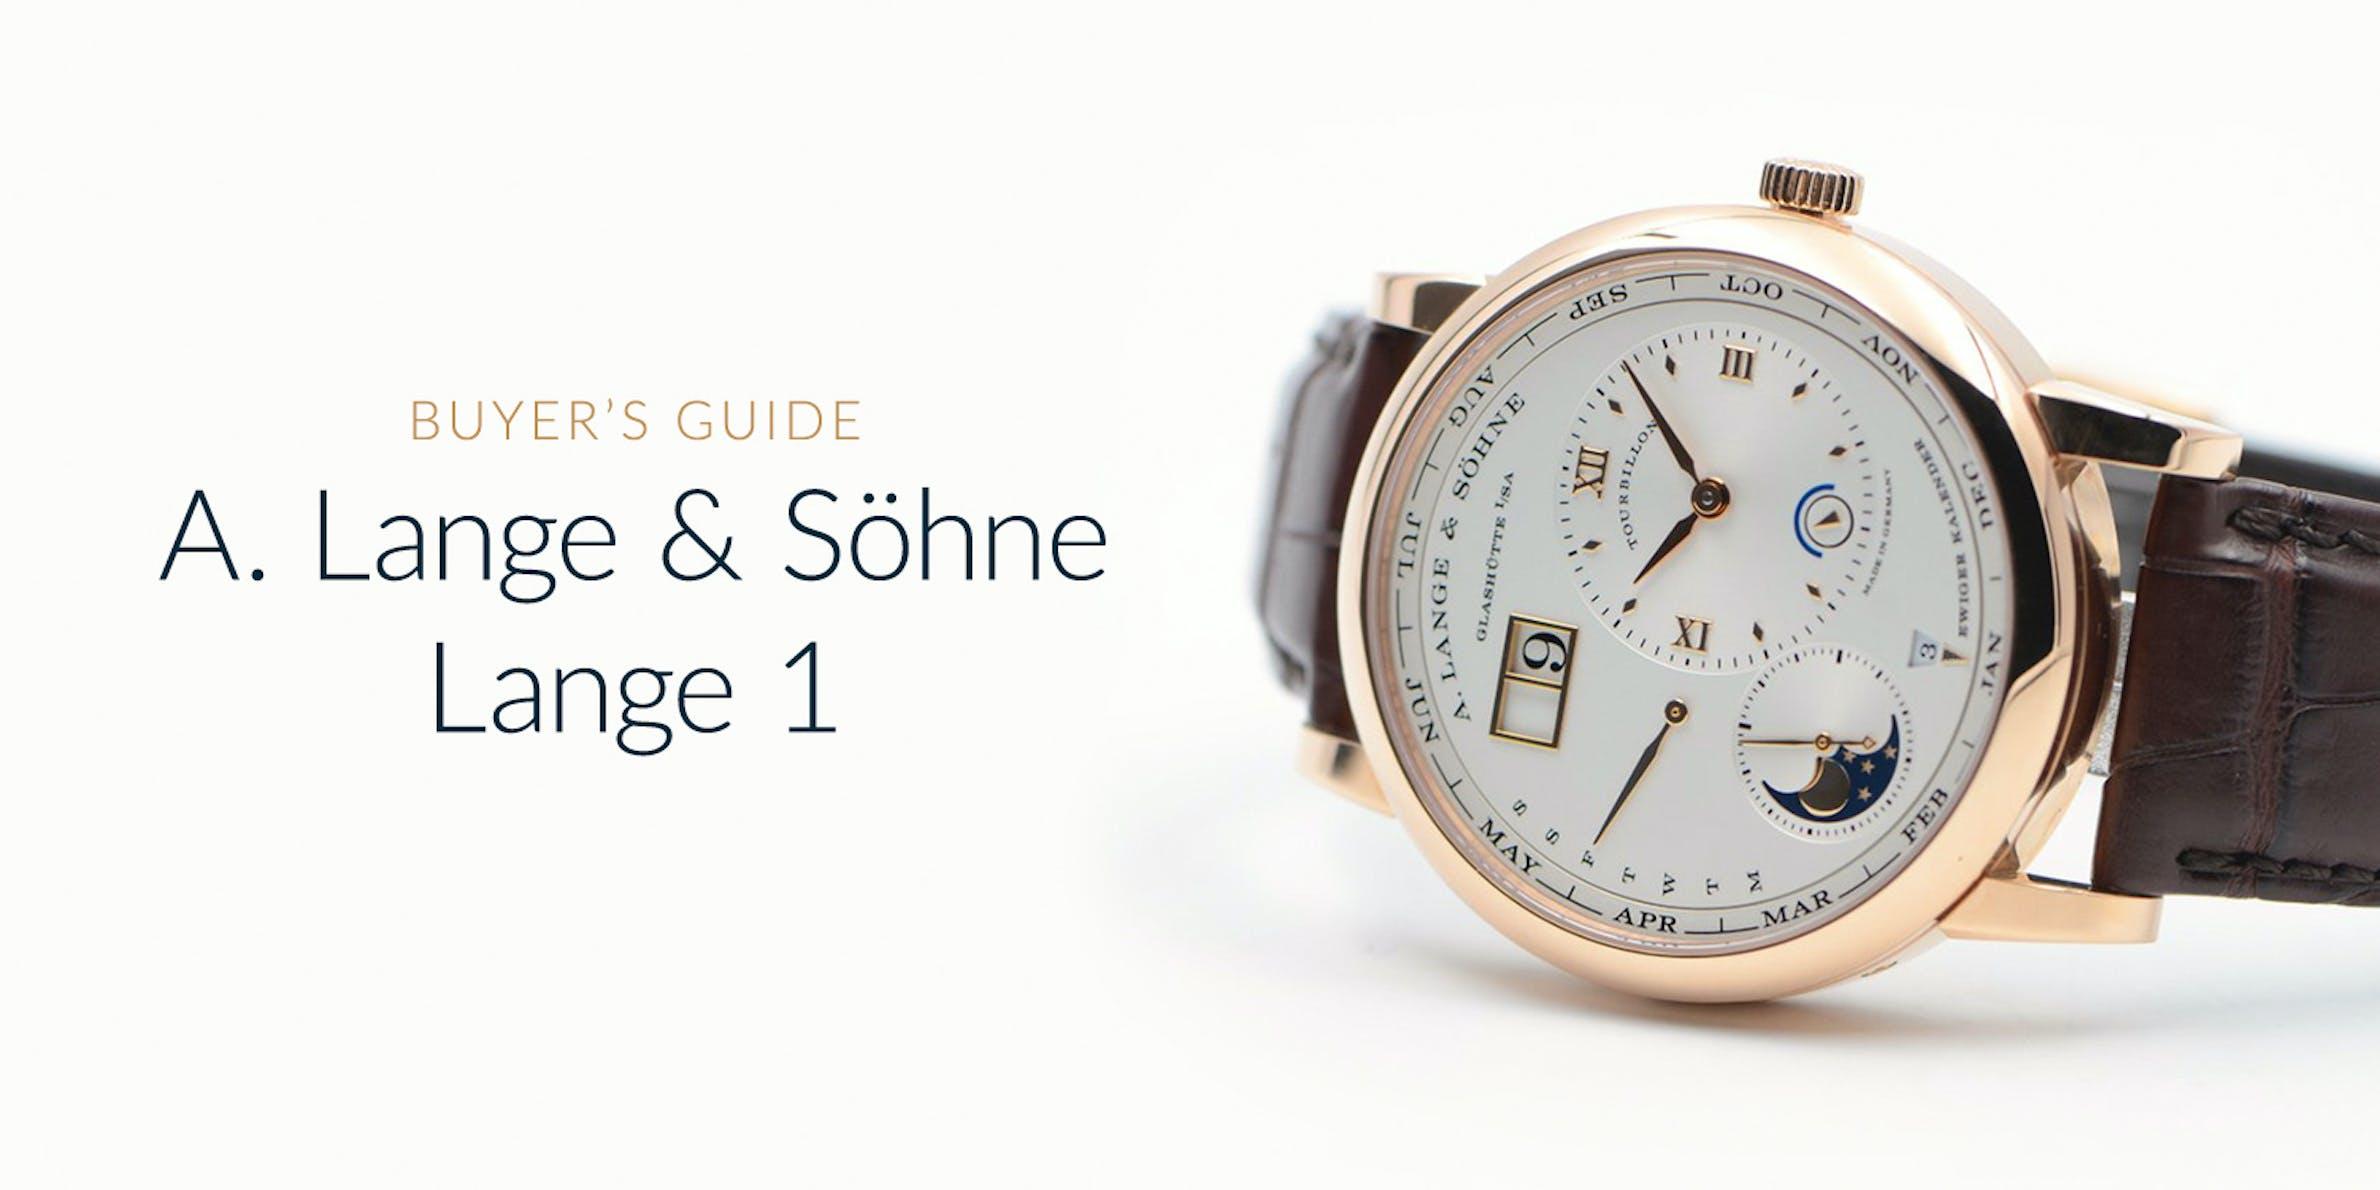 CAM-1413-Buyers-Guide-Lange-2-1-EN